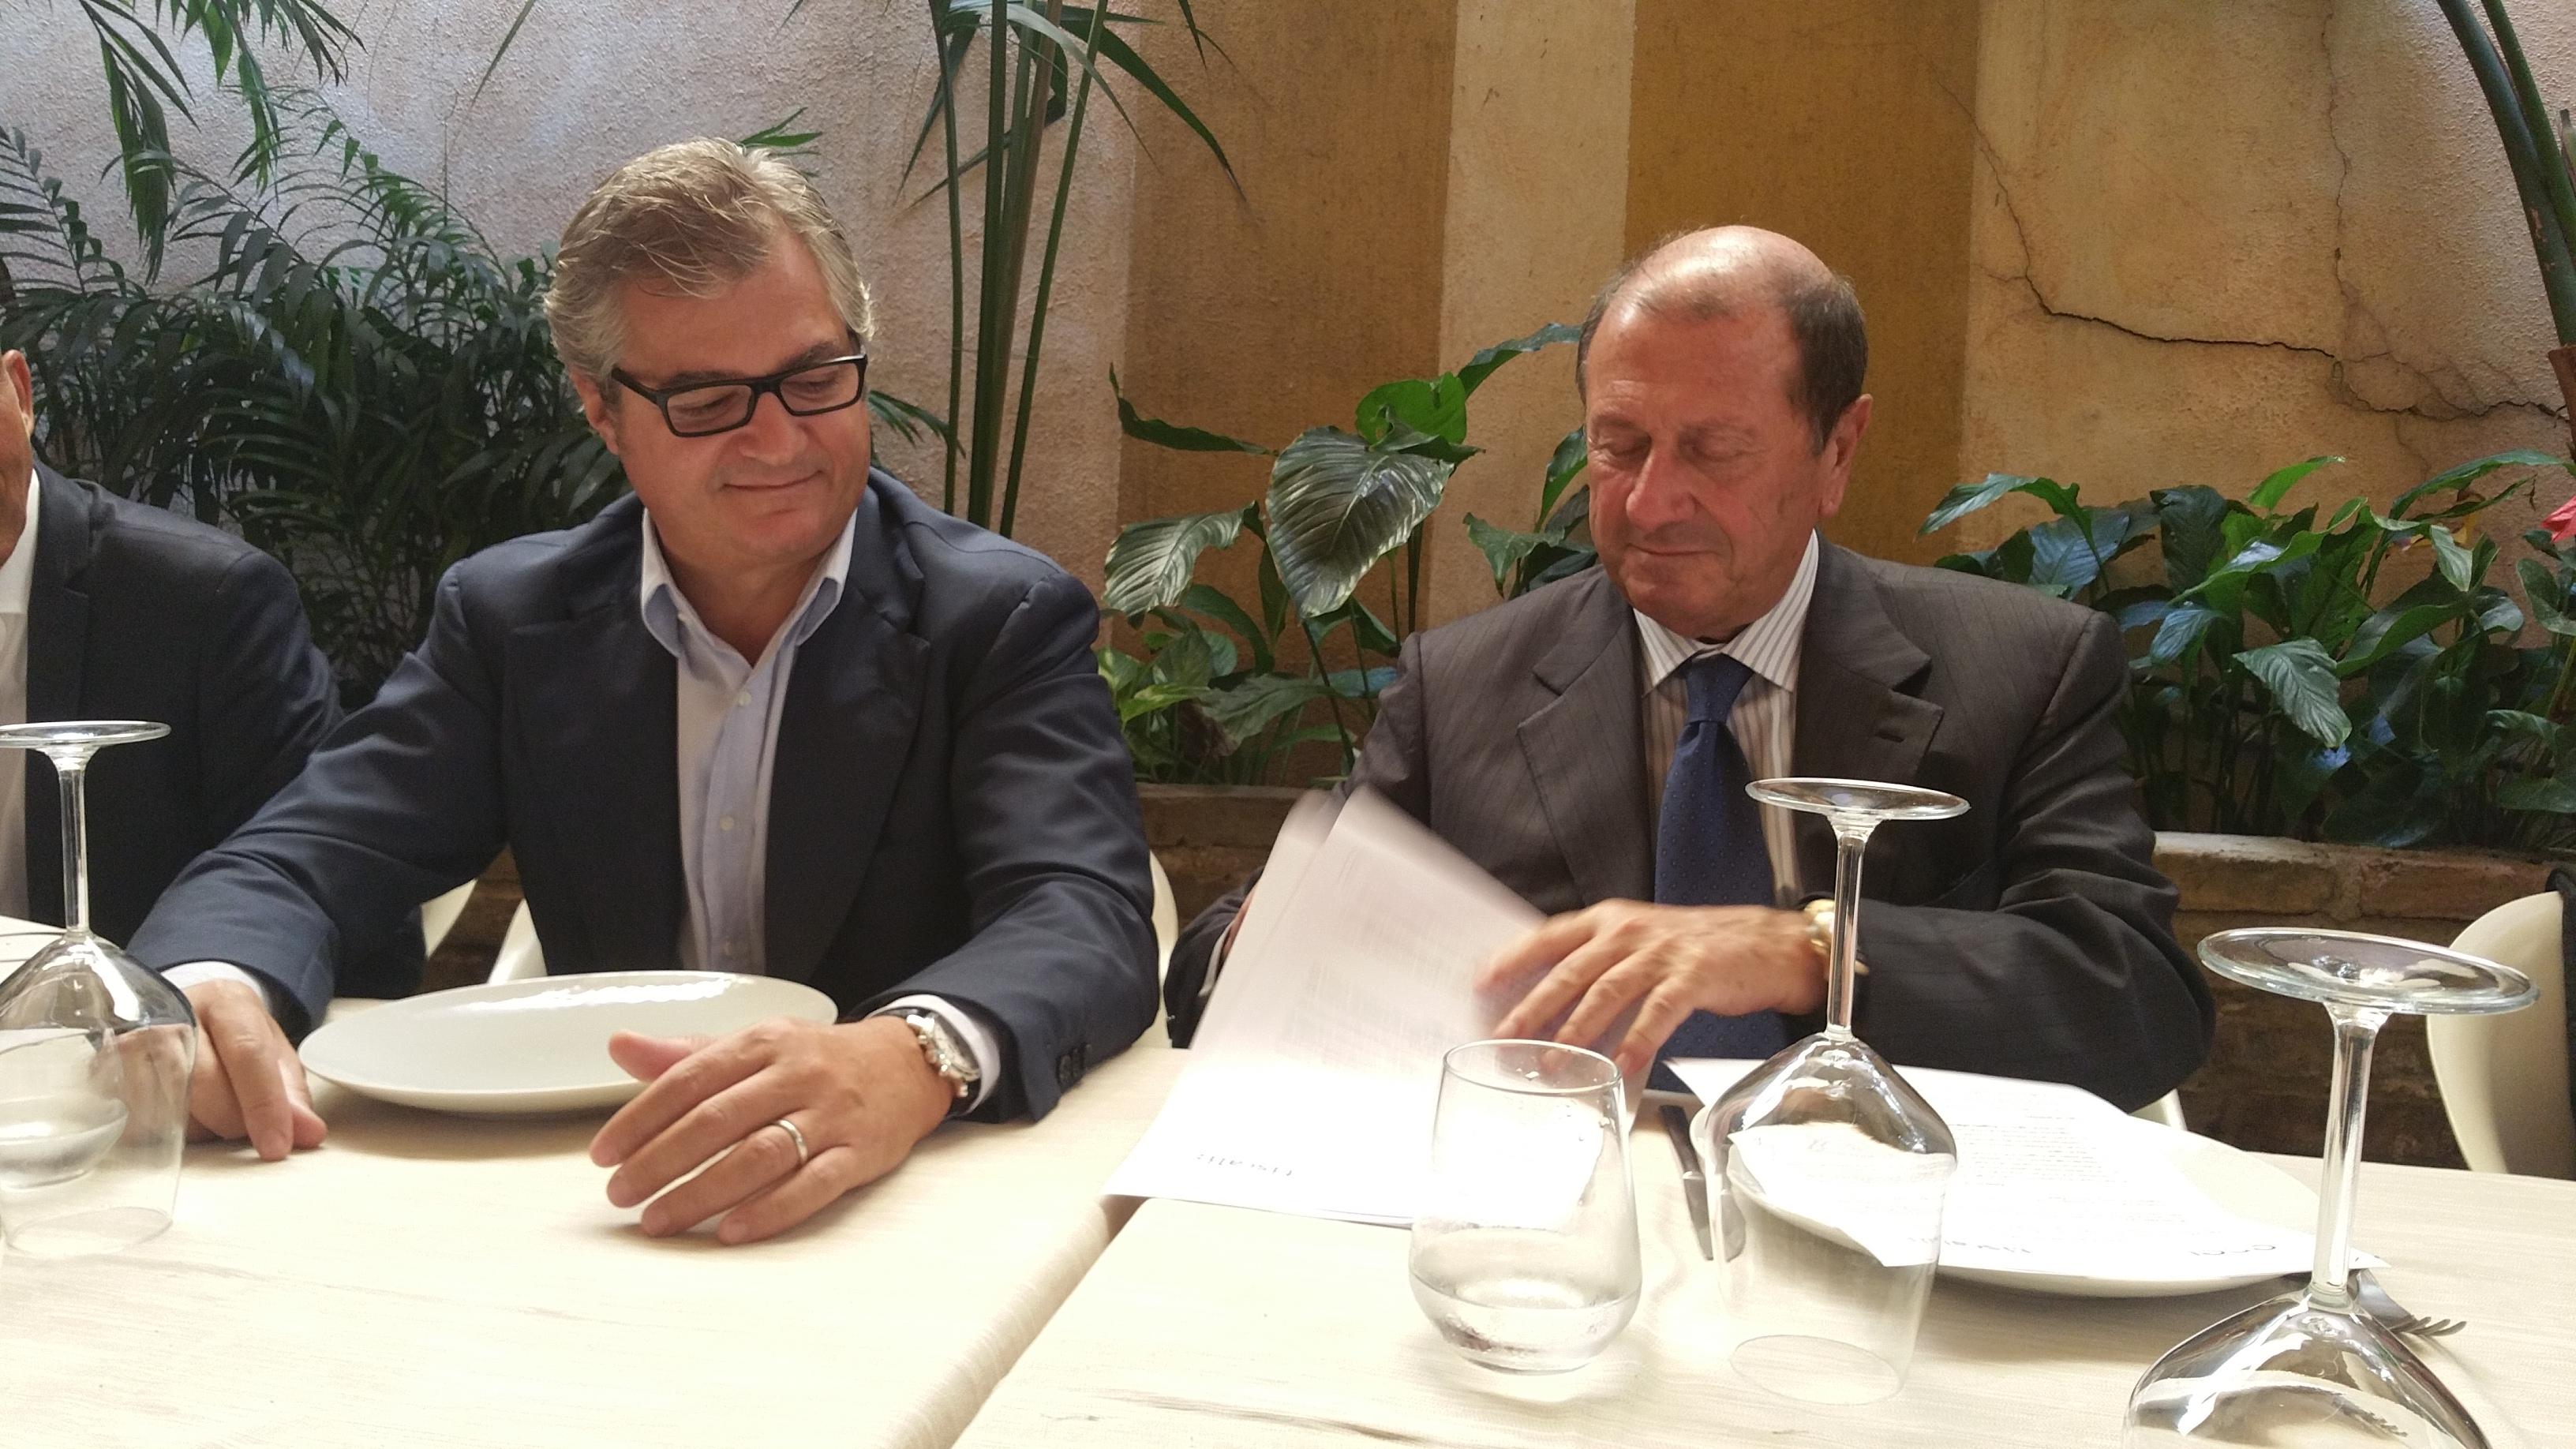 La firma dell'accordo di partnership fra Riccardo Ruggiero, Ad di Tiscali (a sinistra) e l'Ad di Eof Tommaso Pompei (a destra)